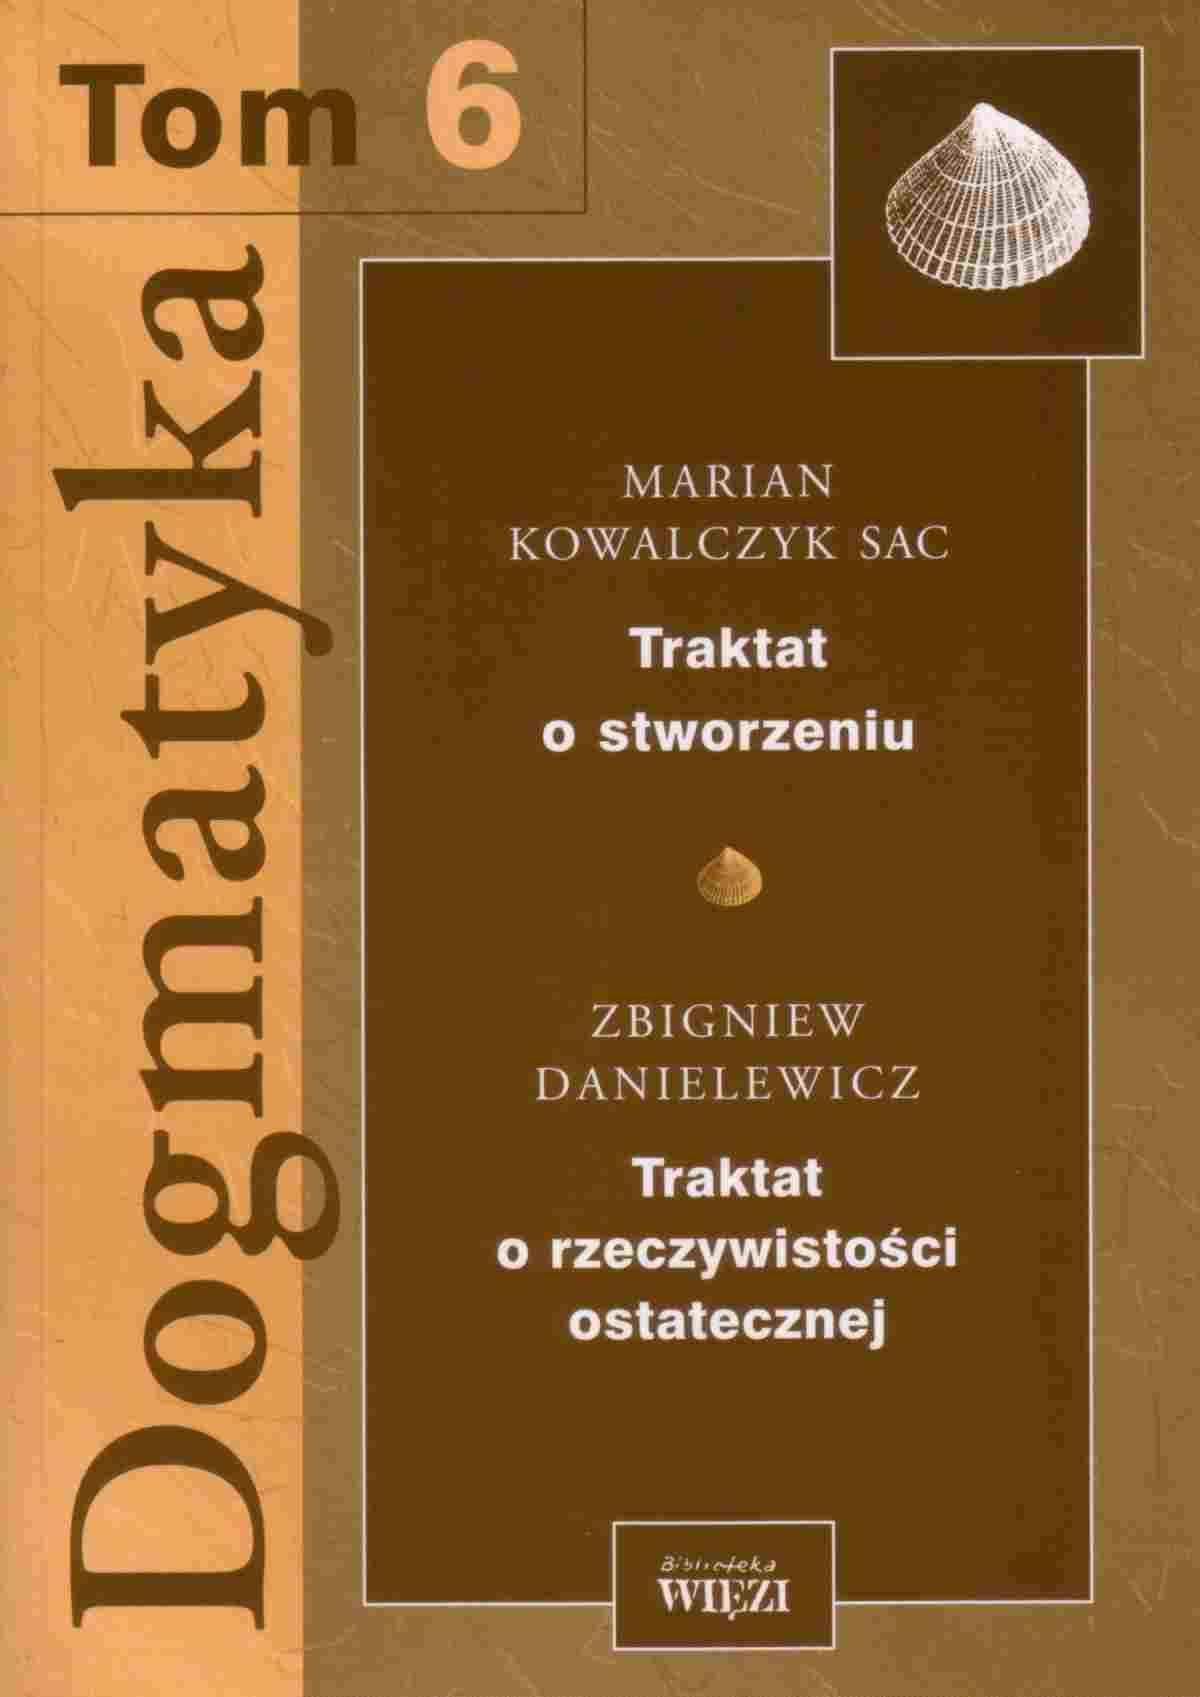 Dogmatyka. Tom 6 - Ebook (Książka EPUB) do pobrania w formacie EPUB